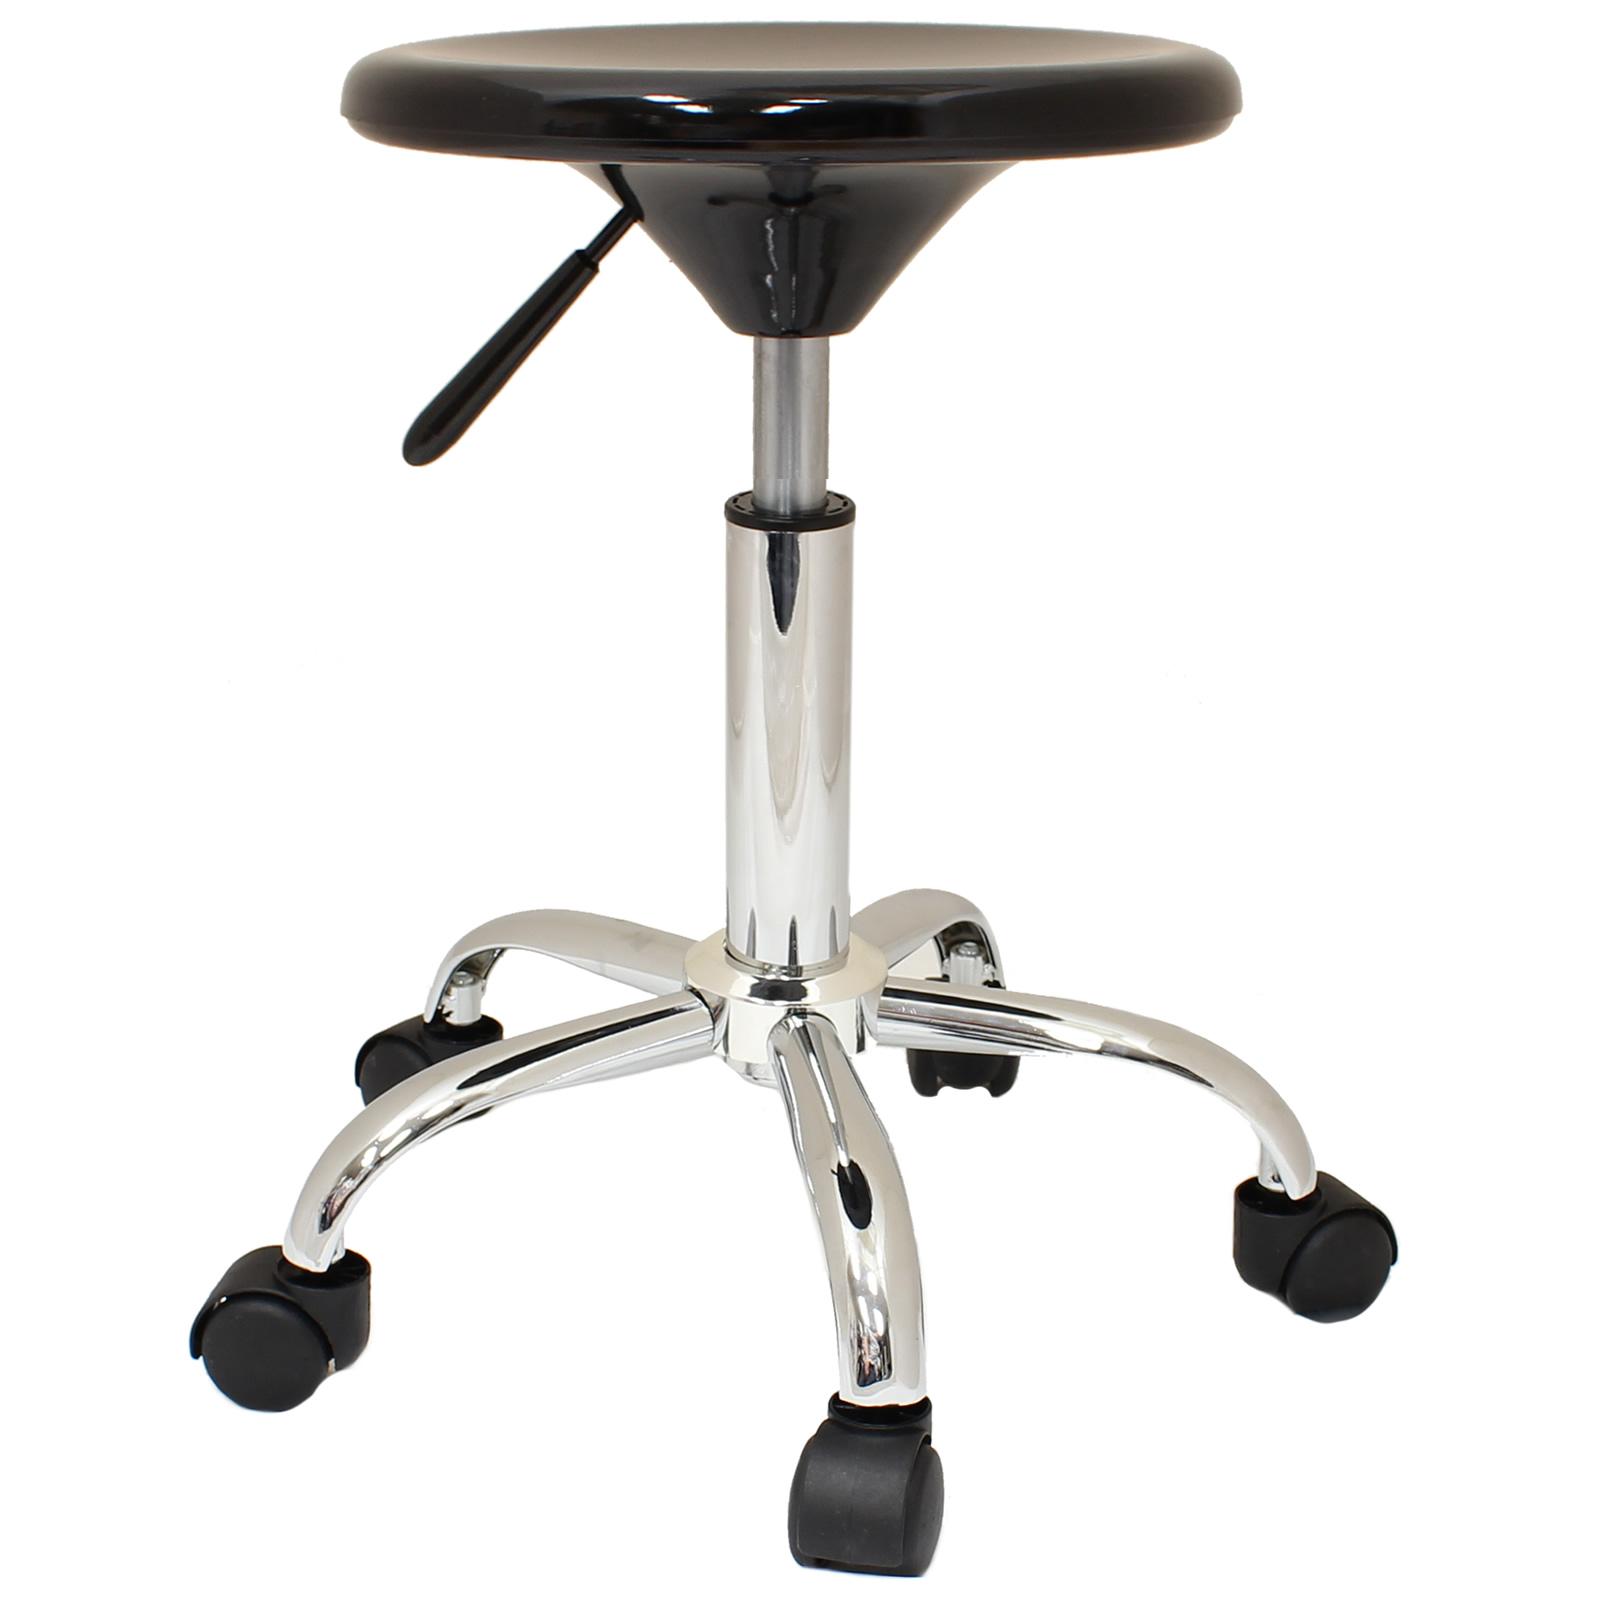 Black Adjustable Swivel Chair Stool Tattoo Nail Technician